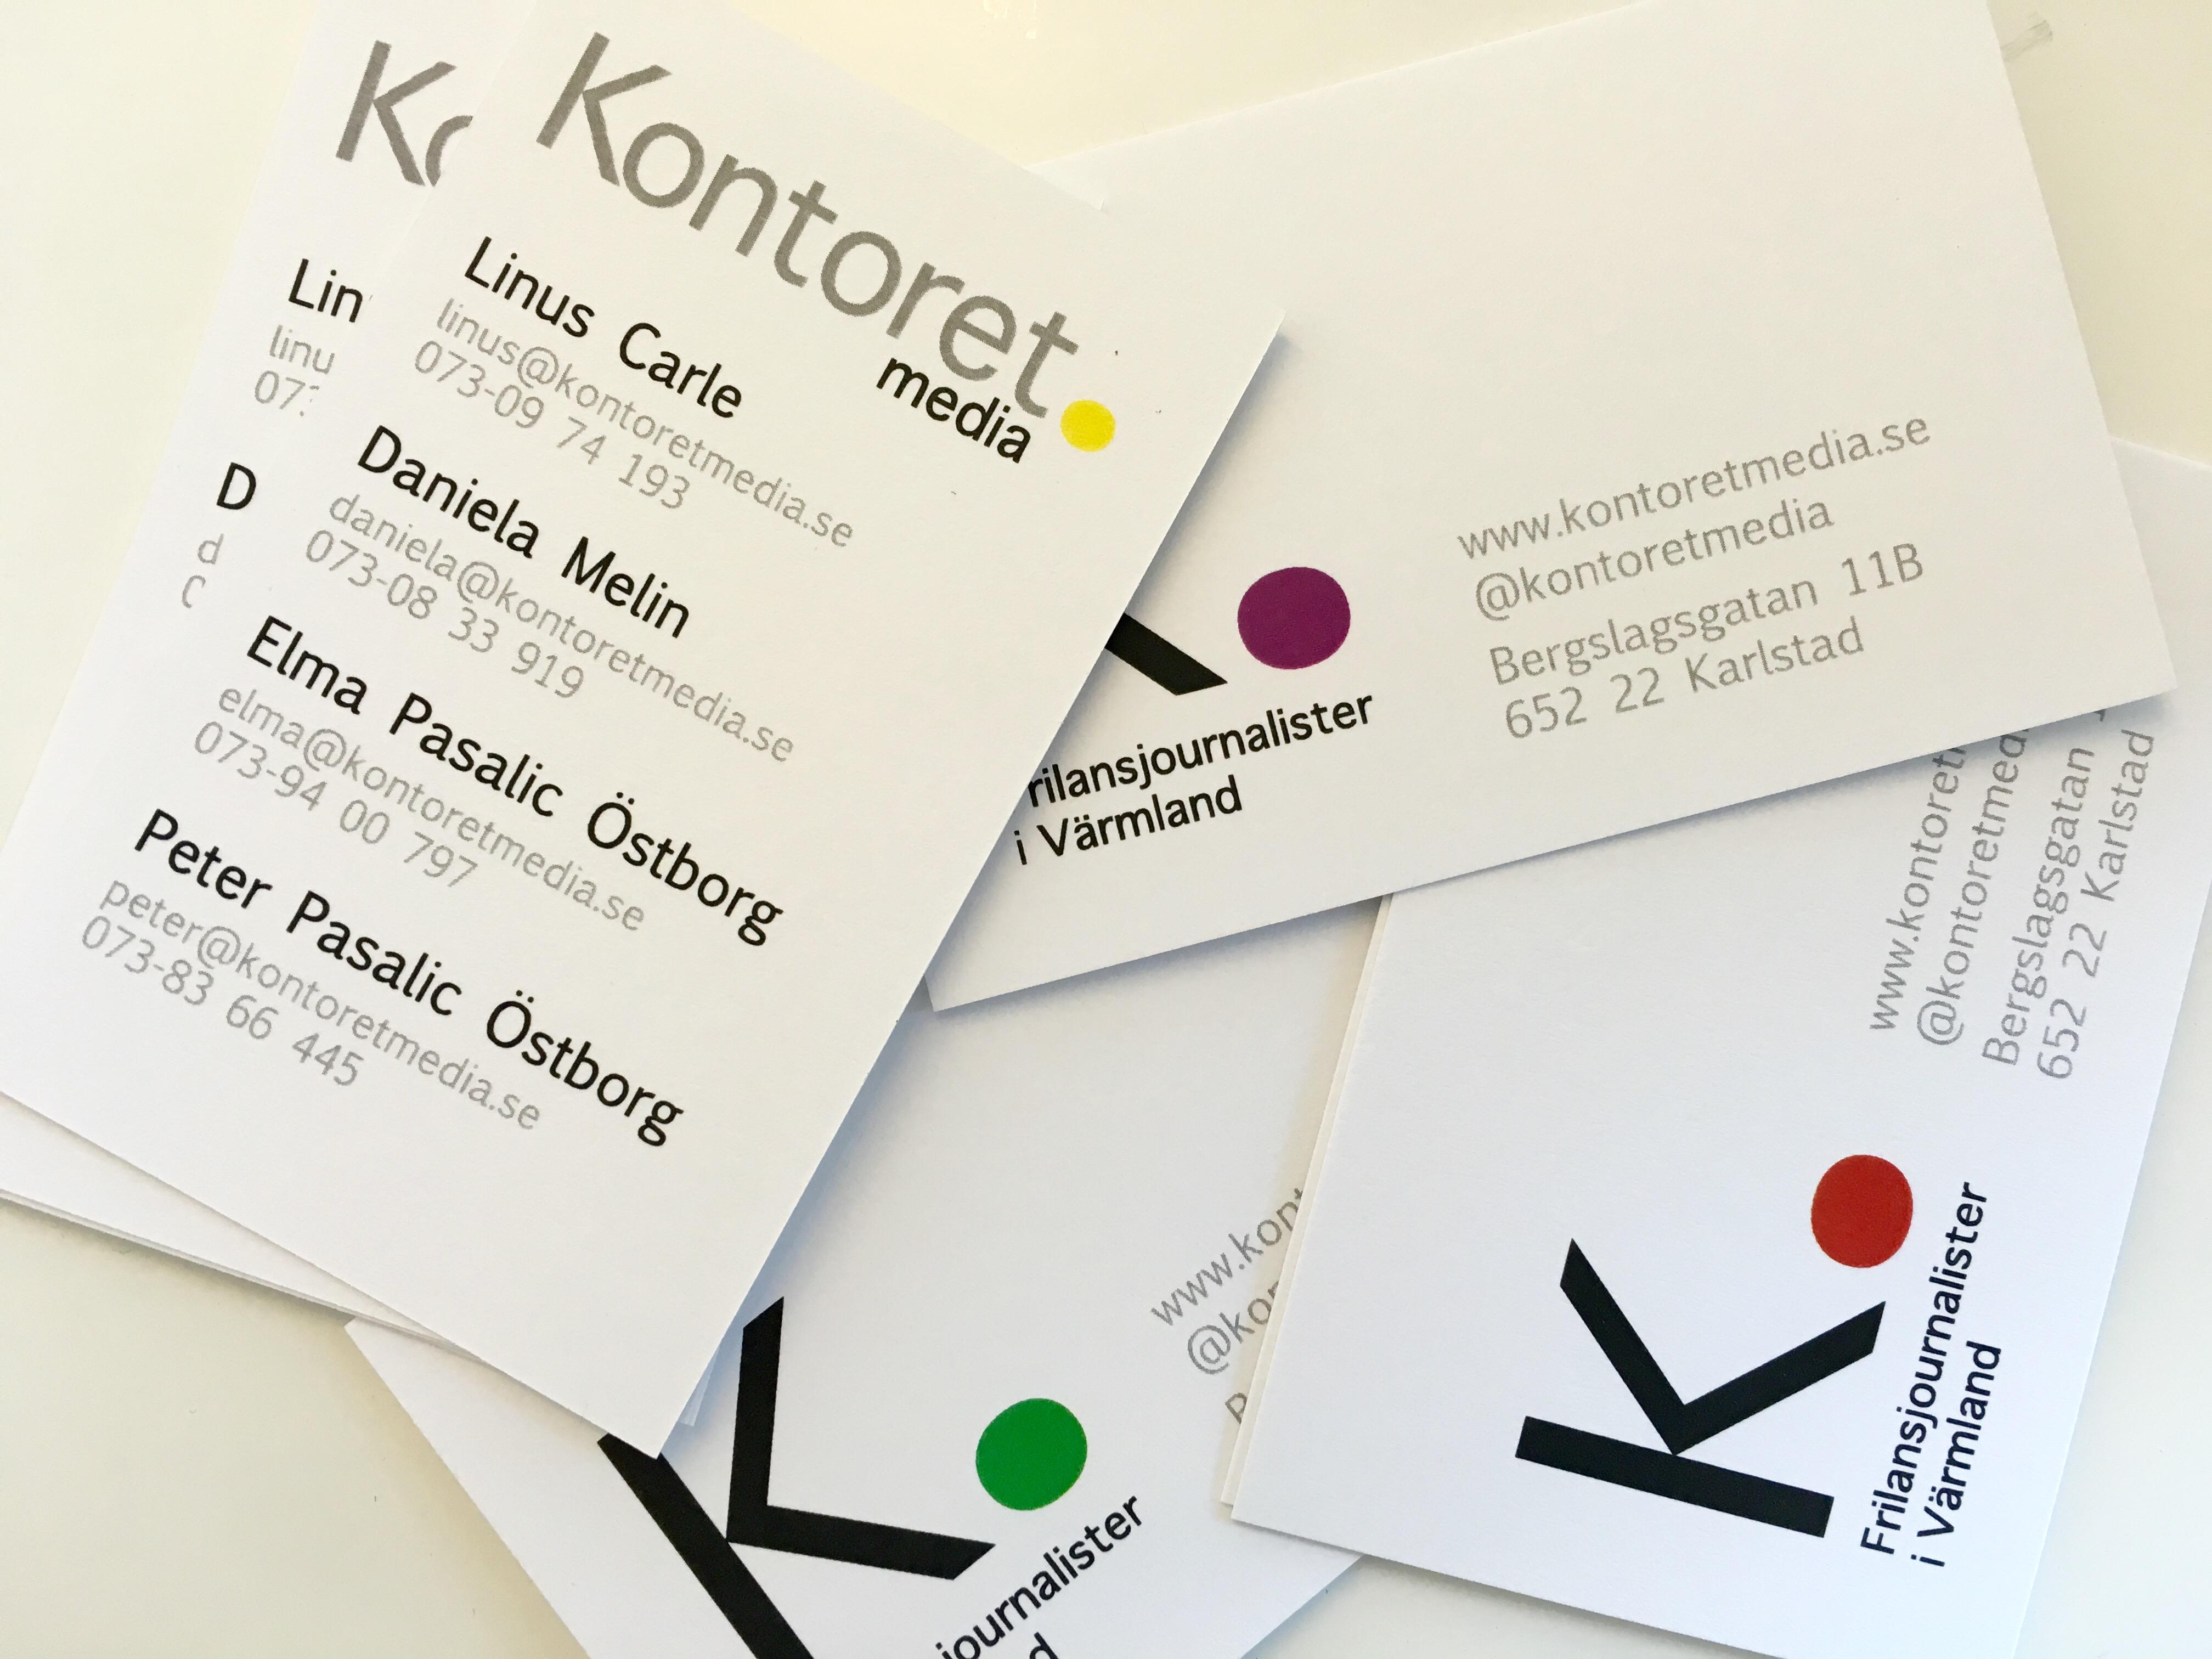 Nya visitkort, med kontaktuppgifter till Linus Carle, Daniela Melin, Elma Pasalic Östborg och Peter Pasalic Östborg.